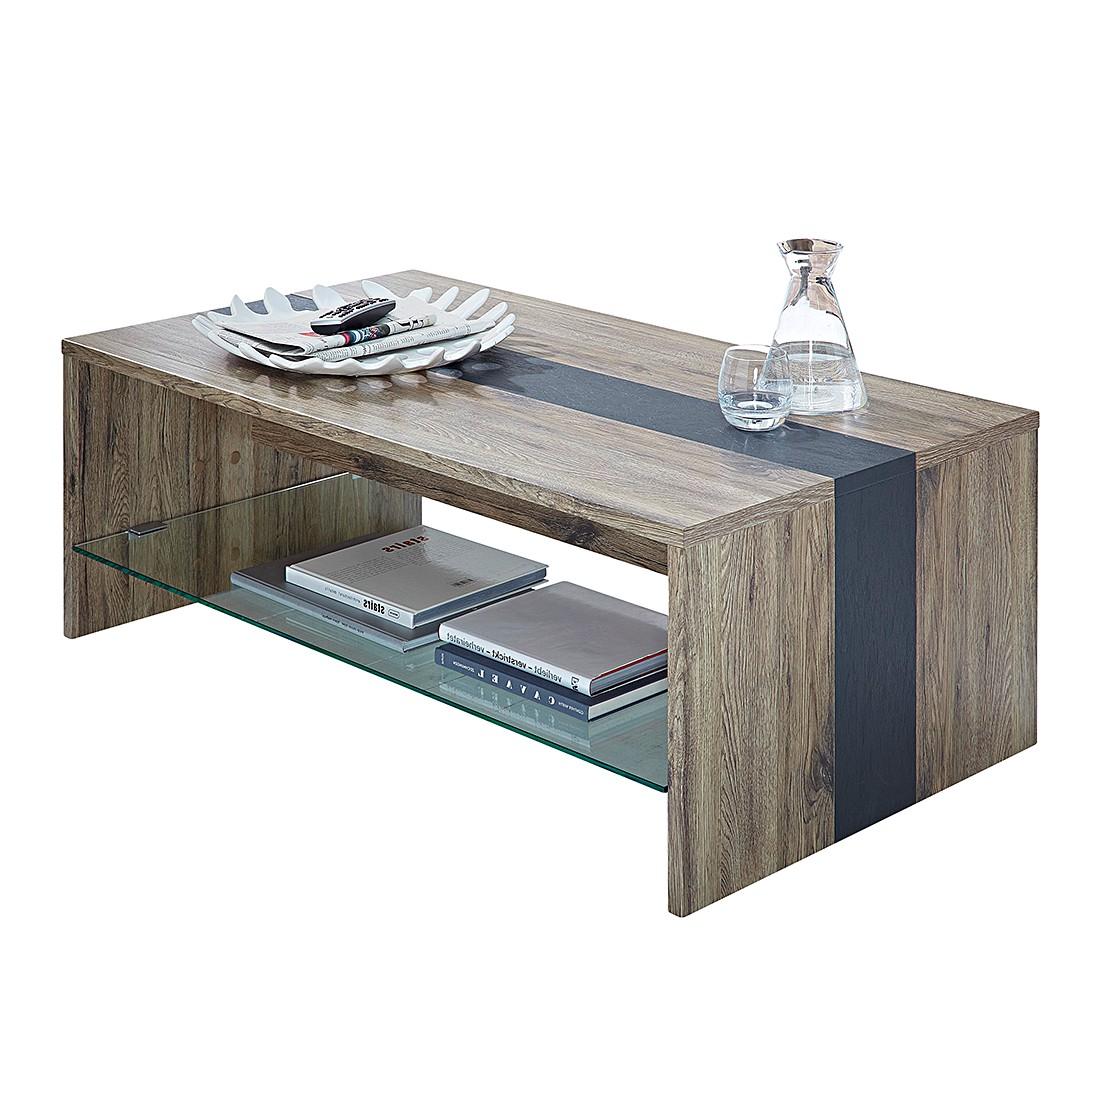 Table basse Adorno